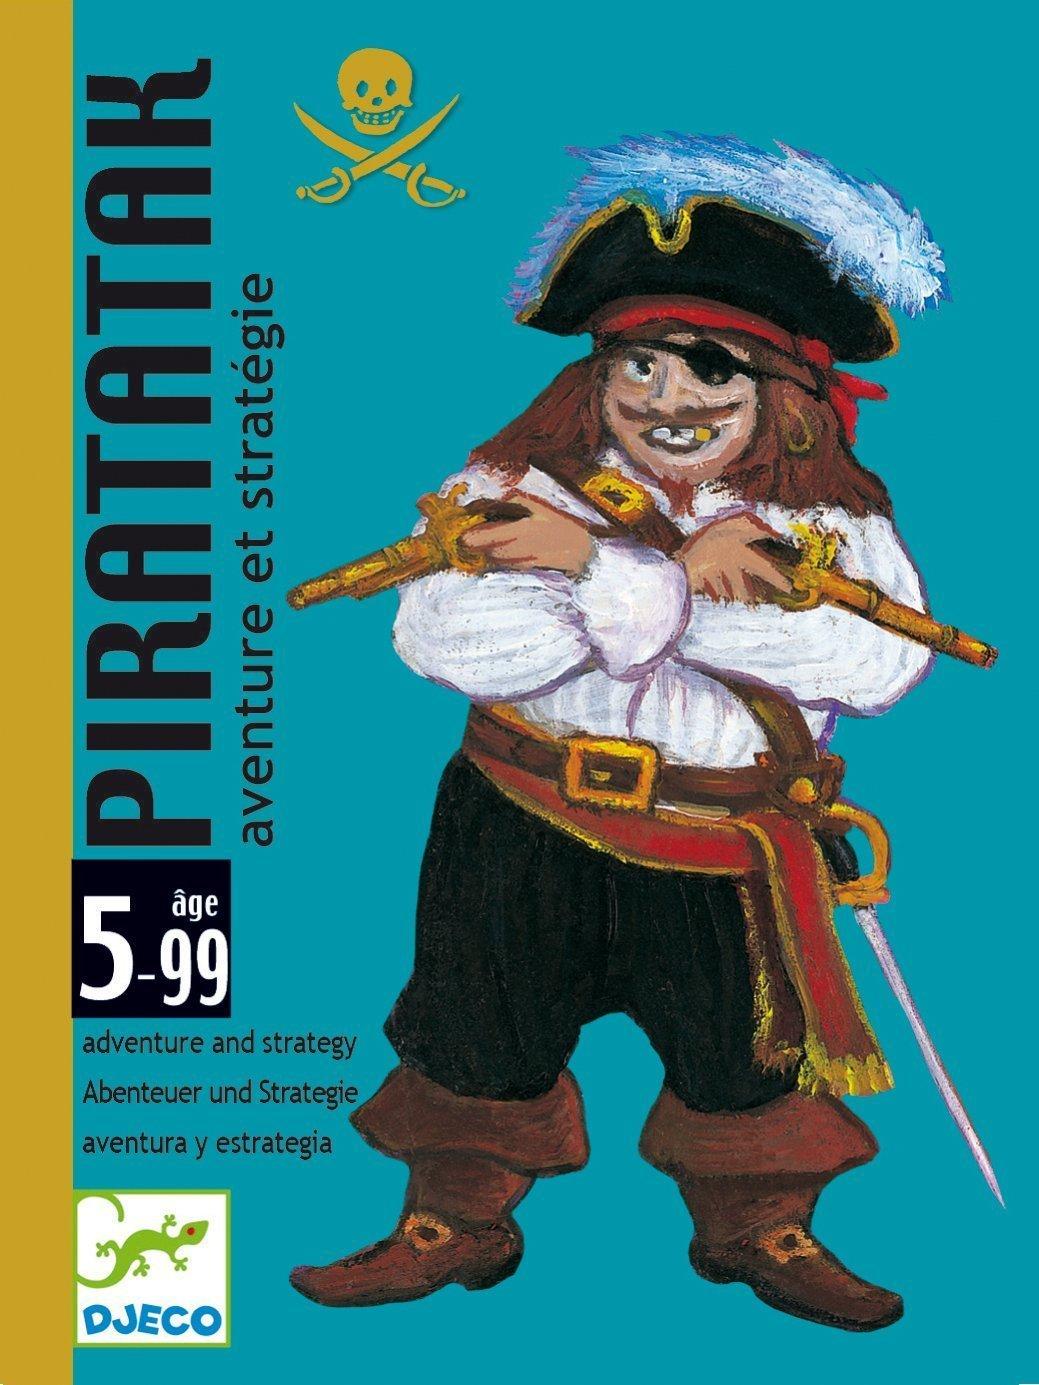 djeco jeux de carte pirate Piaratatak